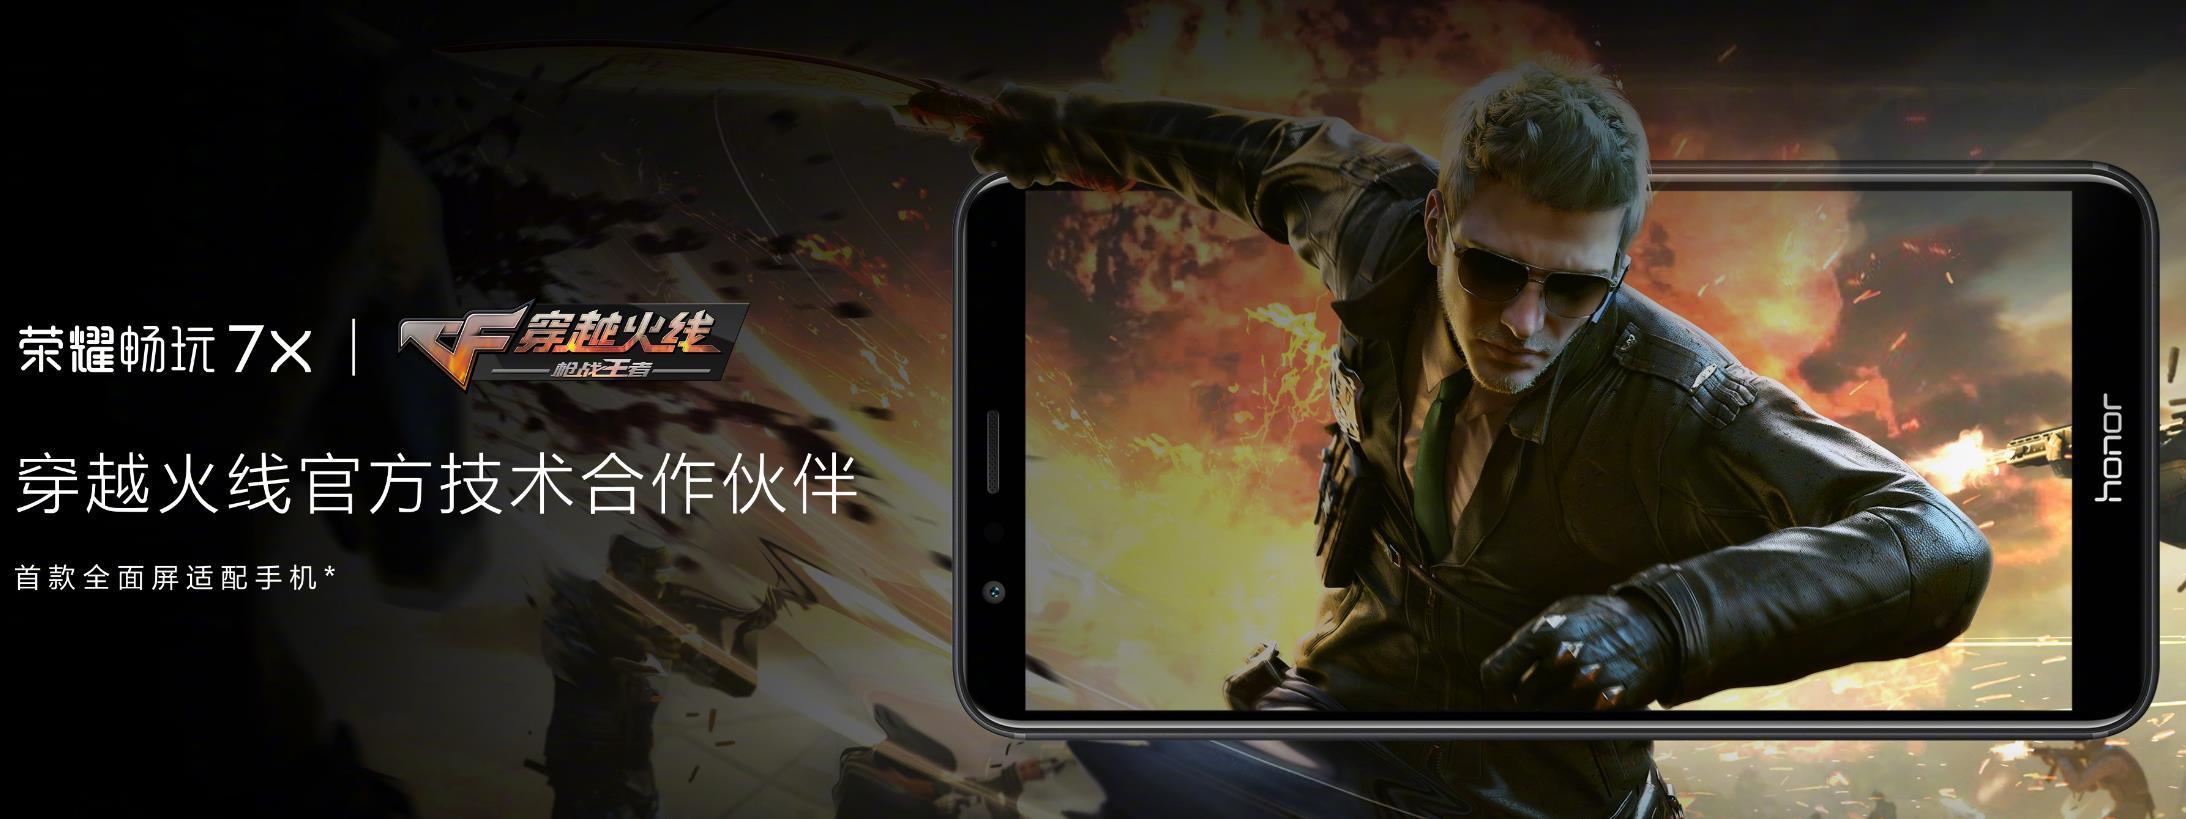 华为荣耀7X公布:全面屏手机 1600万双摄像头1299元起,性价比高爆满